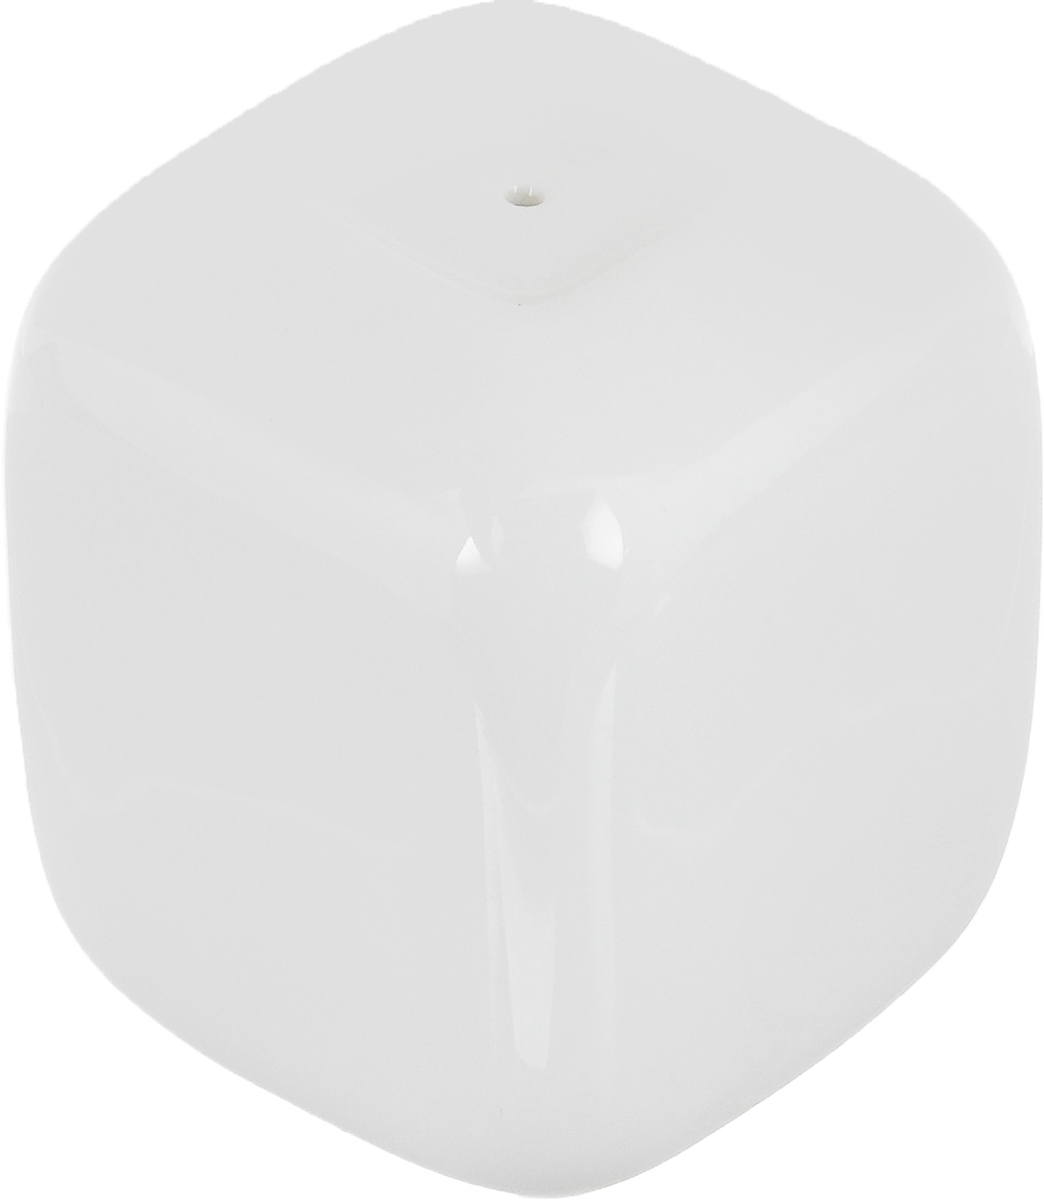 Перечница Ariane Vital Square, 4,5 х 4,5 х 5,5 смAVSARN72002Перечница Ariane Vital Square изготовлена из высококачественного фарфора белого цвета. Перечница имеет одно отверстие для высыпания специй, на дне - отверстие, позволяющее наполнить емкость, снабженное силиконовой вставкой.Такая перечница украсит сервировку вашего стола и подчеркнет прекрасный вкус хозяина, а также станет отличным подарком.Можно мыть в посудомоечной машине.